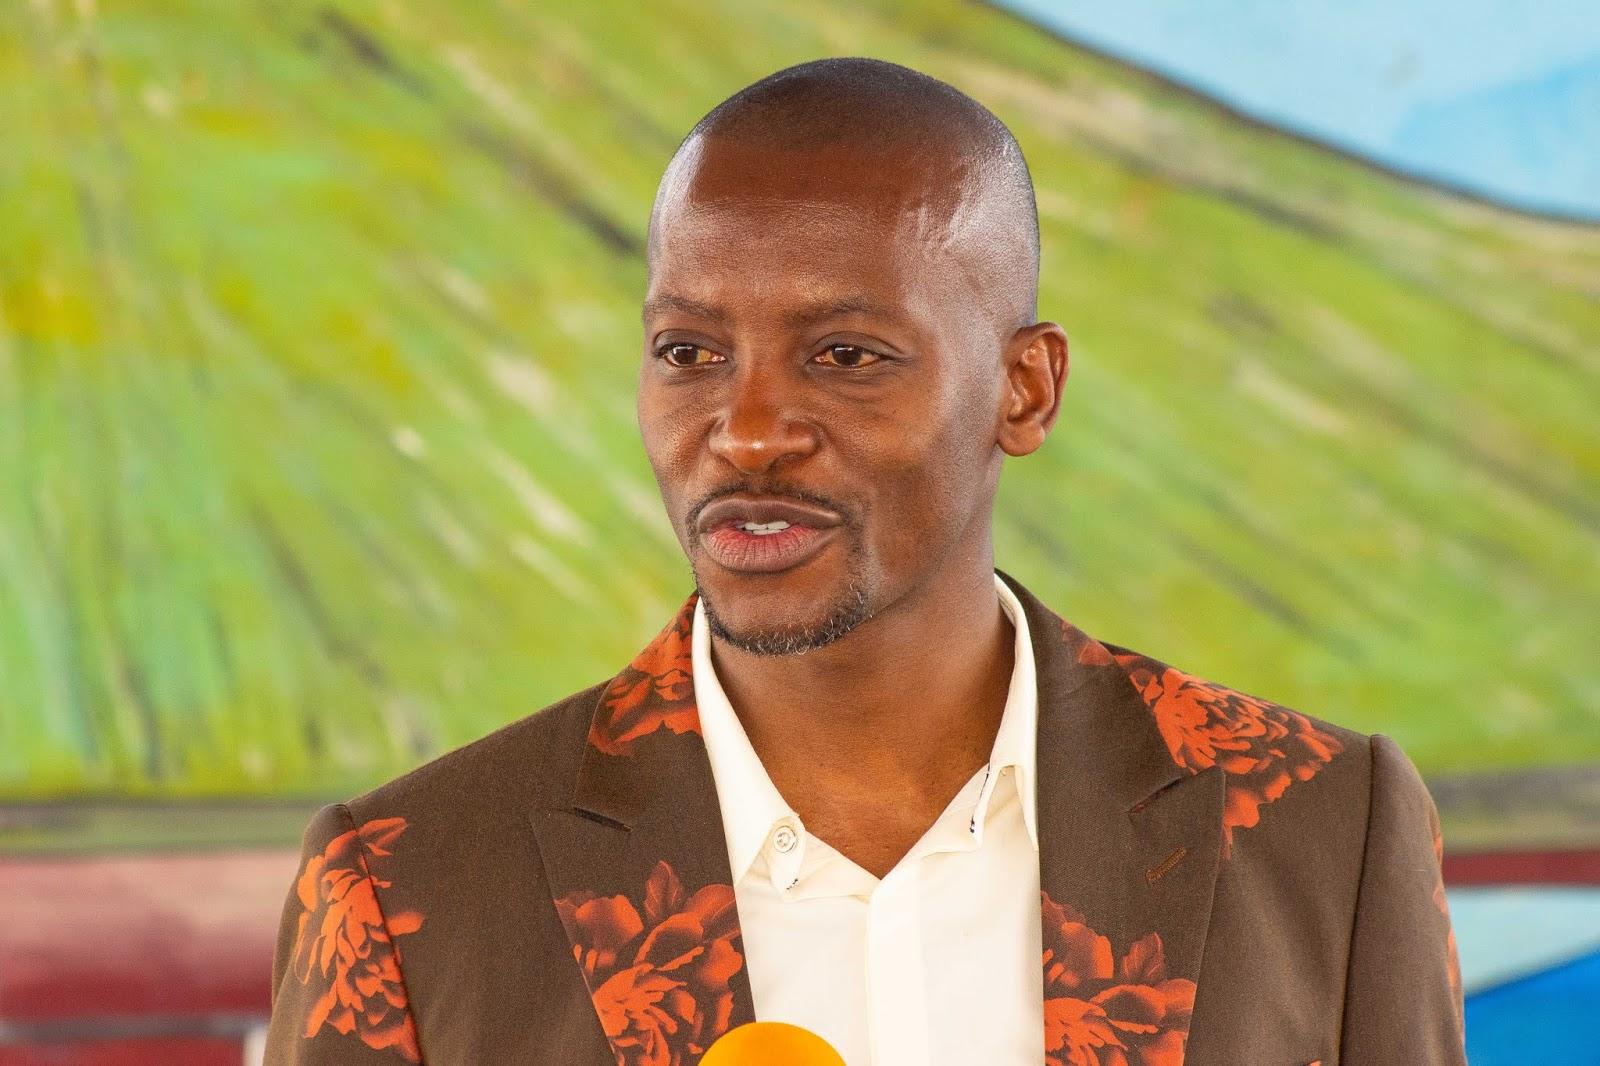 Prophet Brian Mundopa Traces History - This Is How I Met Bishop Pride Sibiya